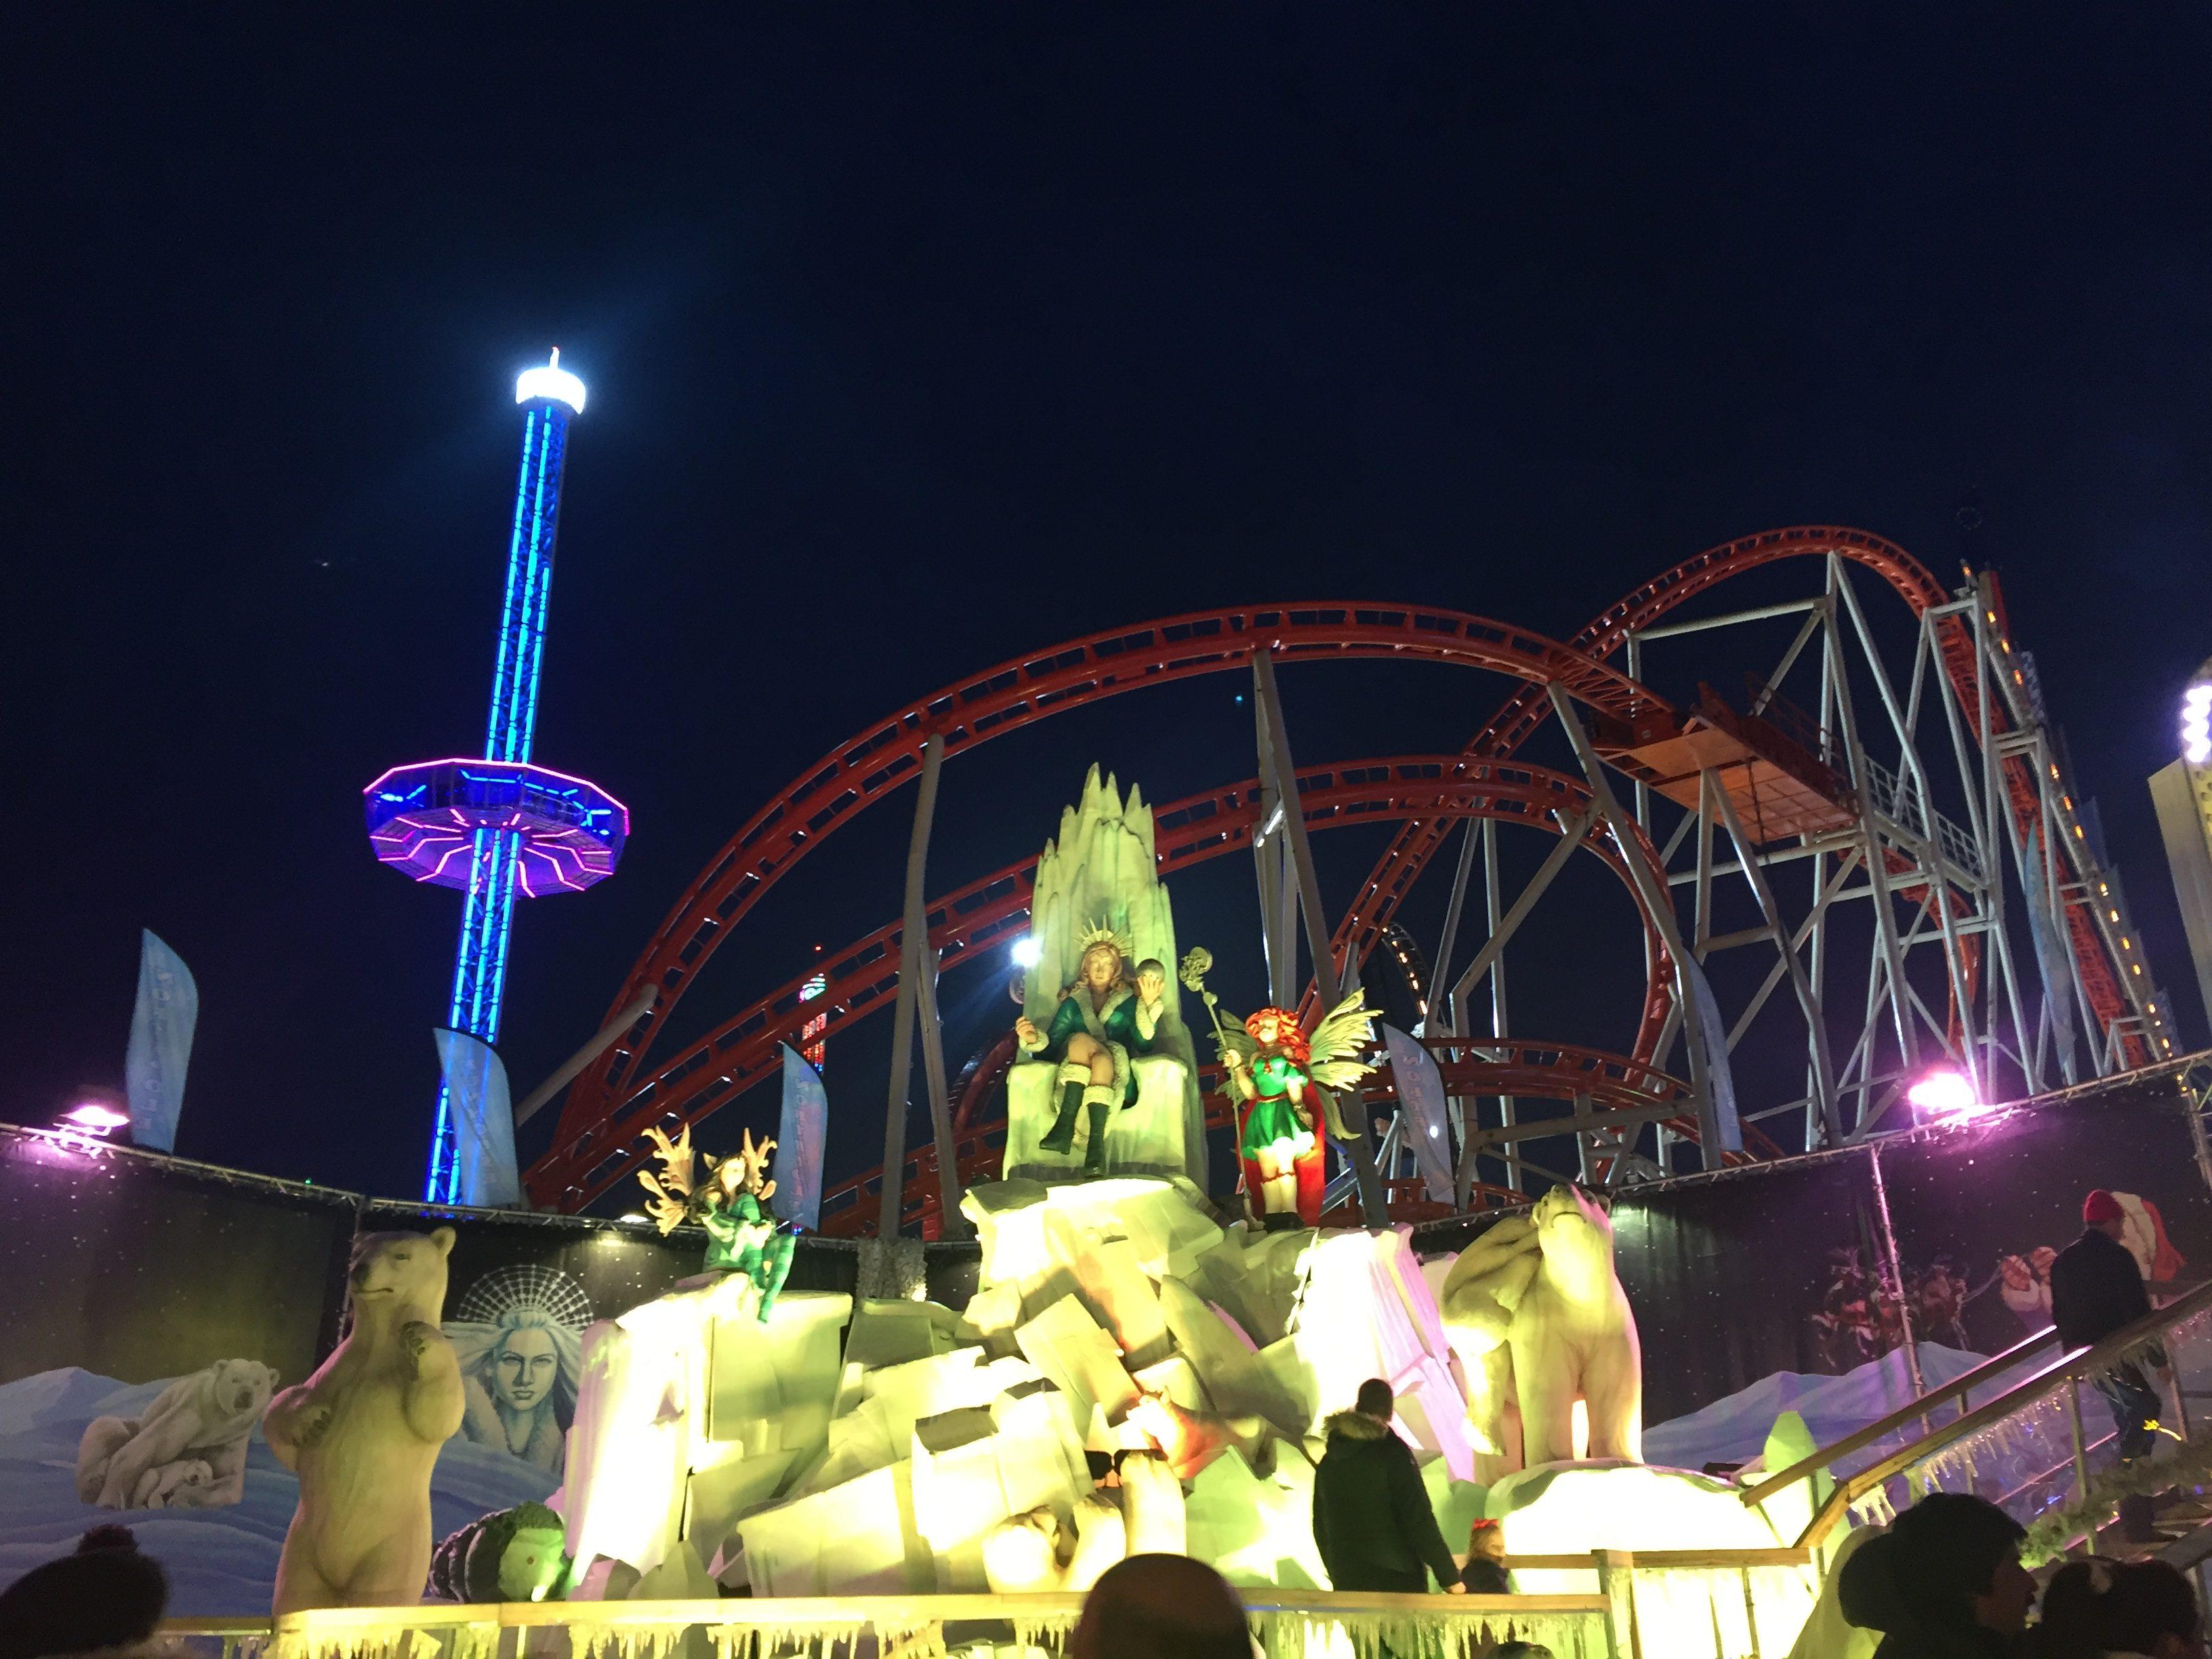 IMG 25961 1 e1516815764361 - WinterWonderland el parque de diversiones en Londres